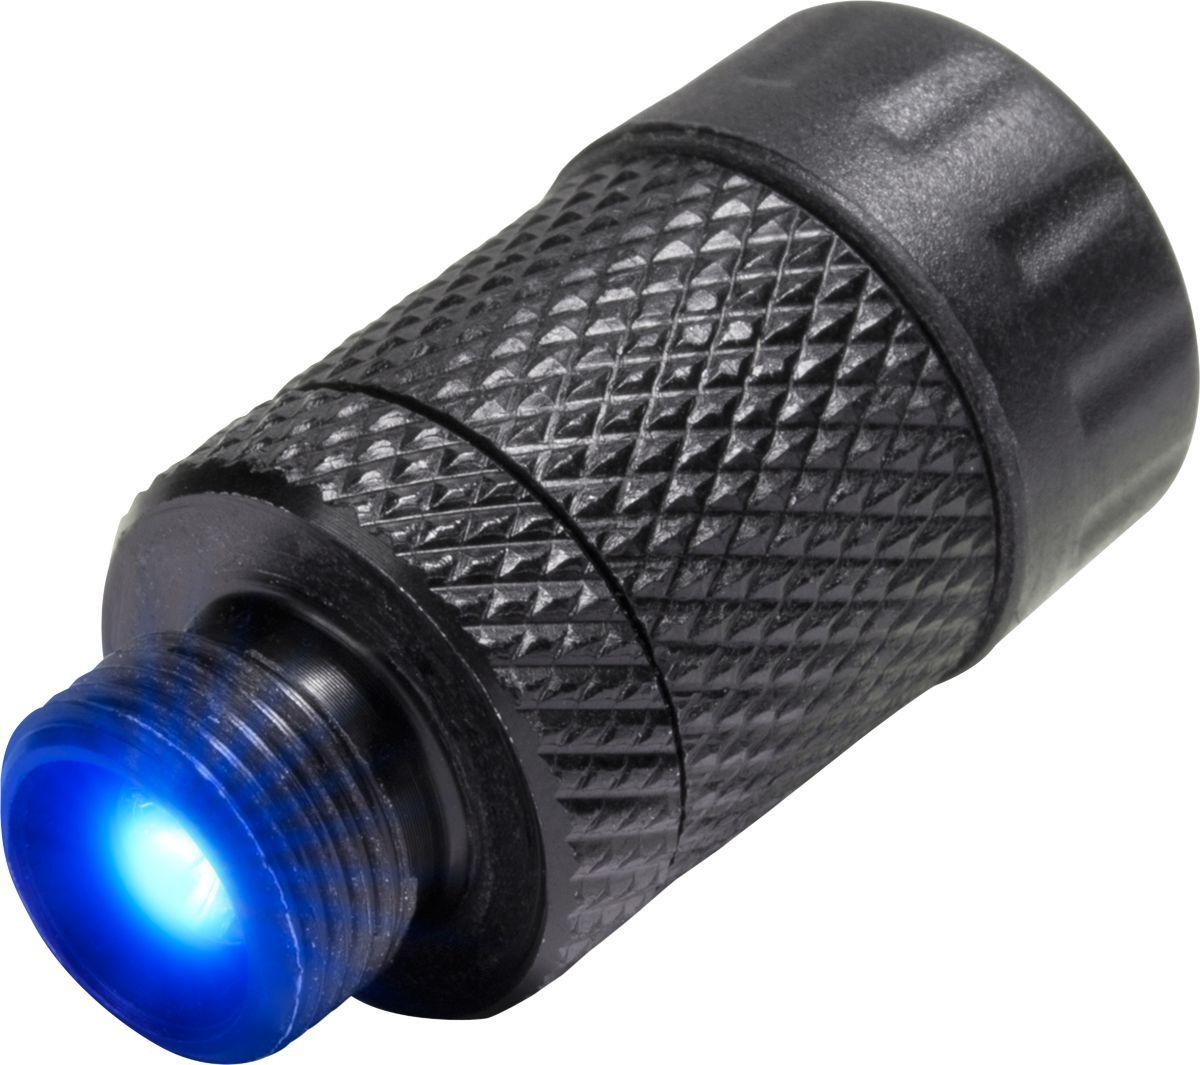 TRUGLO® Tru-Lite Pro Sight Light